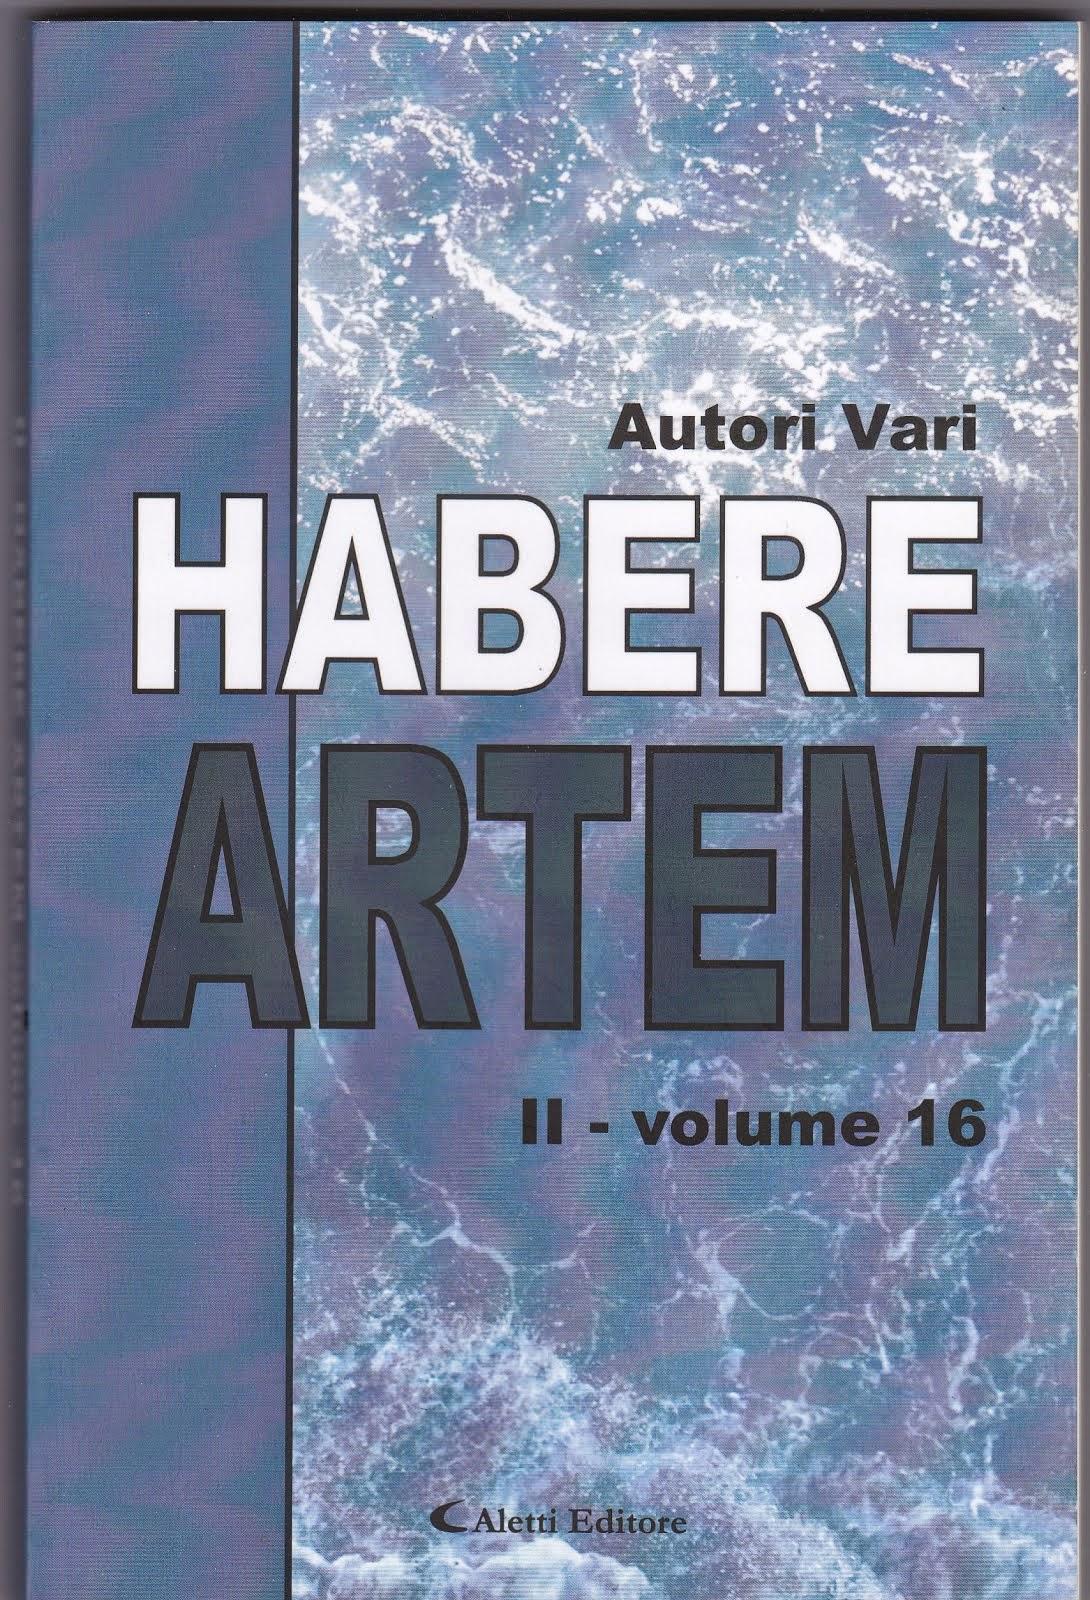 Habere Artem- Ed. ottobre-2013 - Concorso - Aletti Edizioni